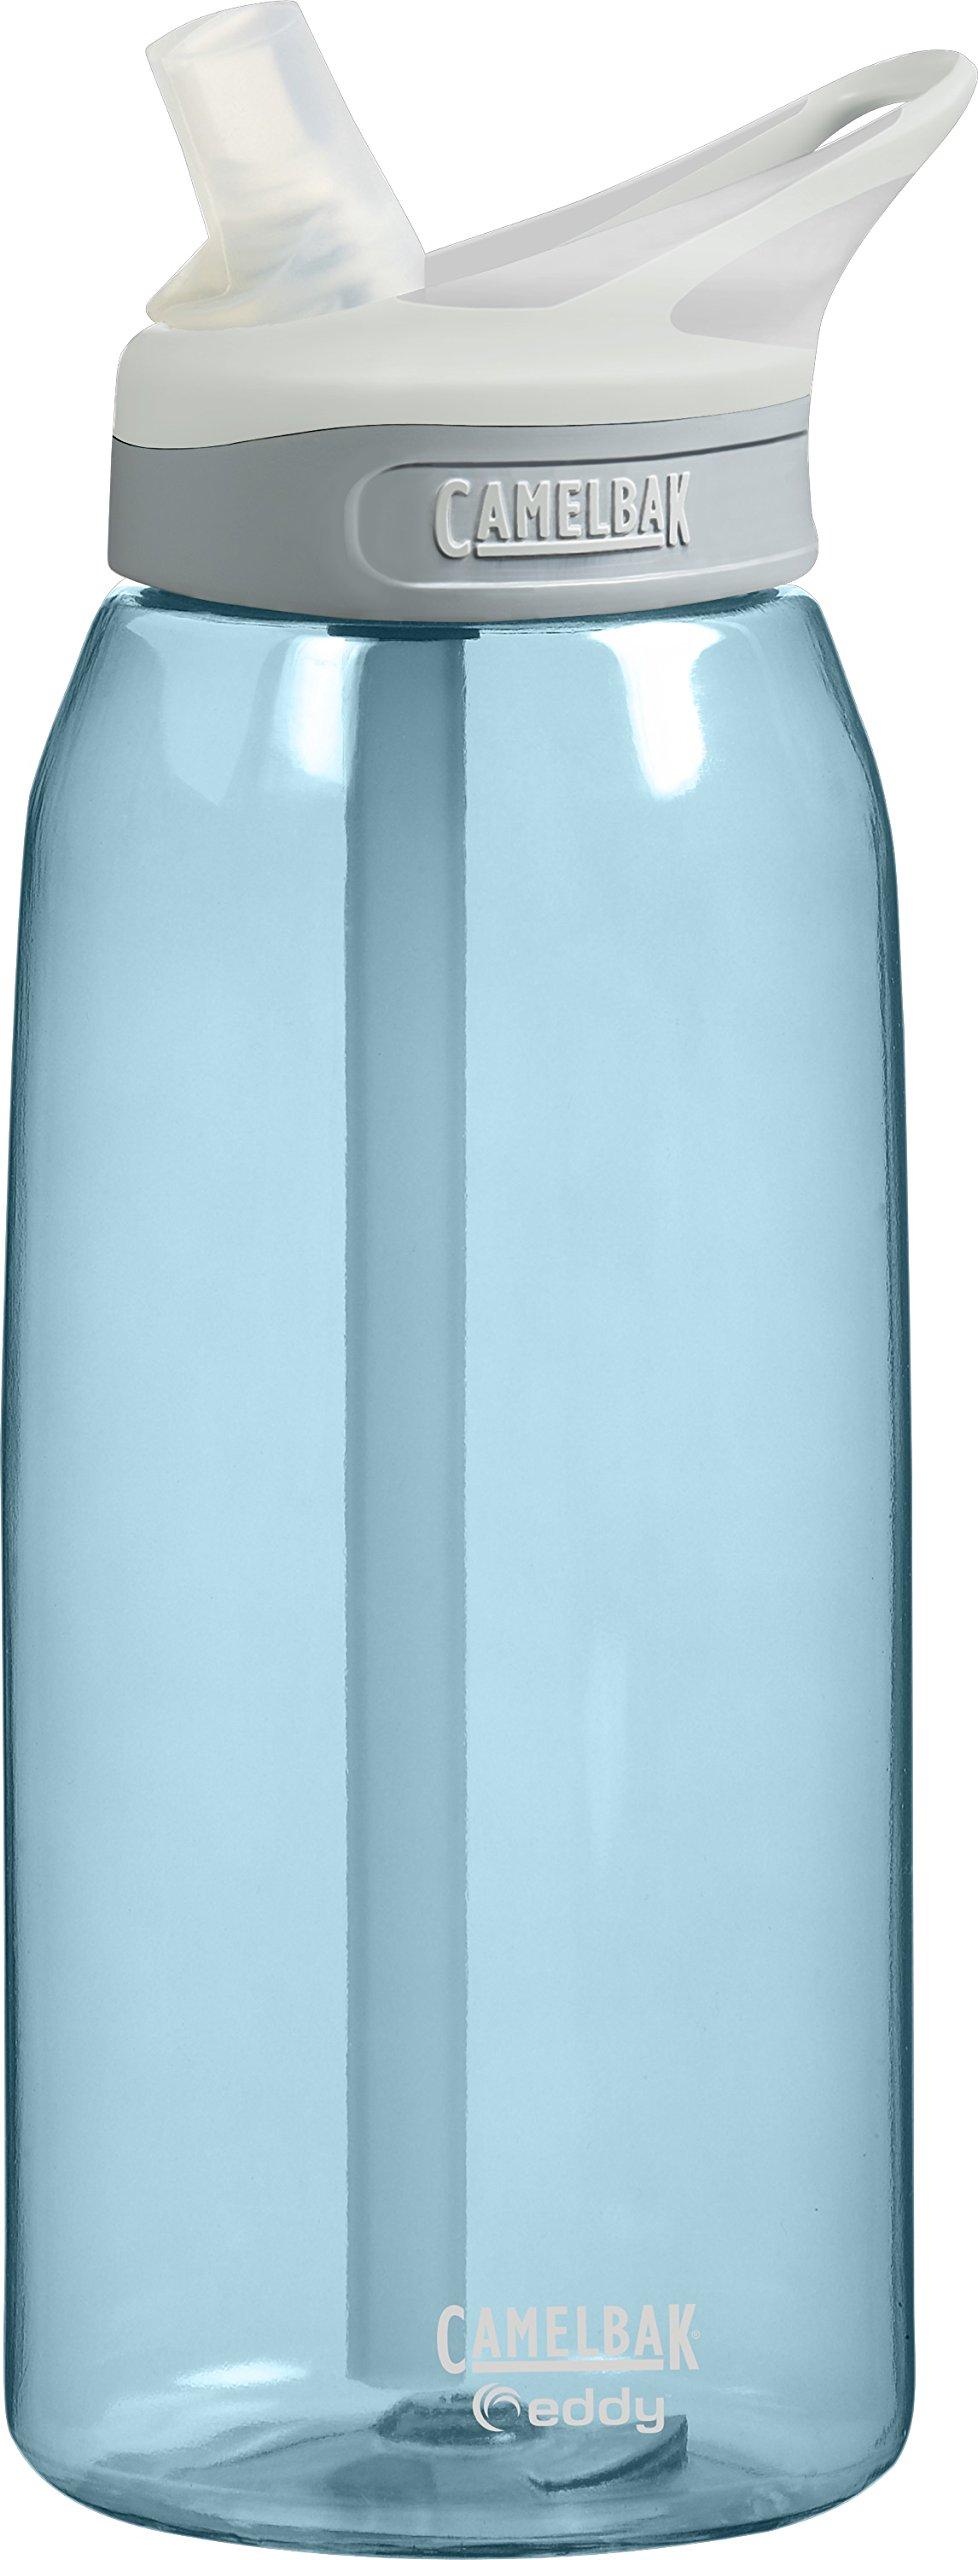 CamelBak Eddy Water Bottle, Sky Blue, 1-Liter